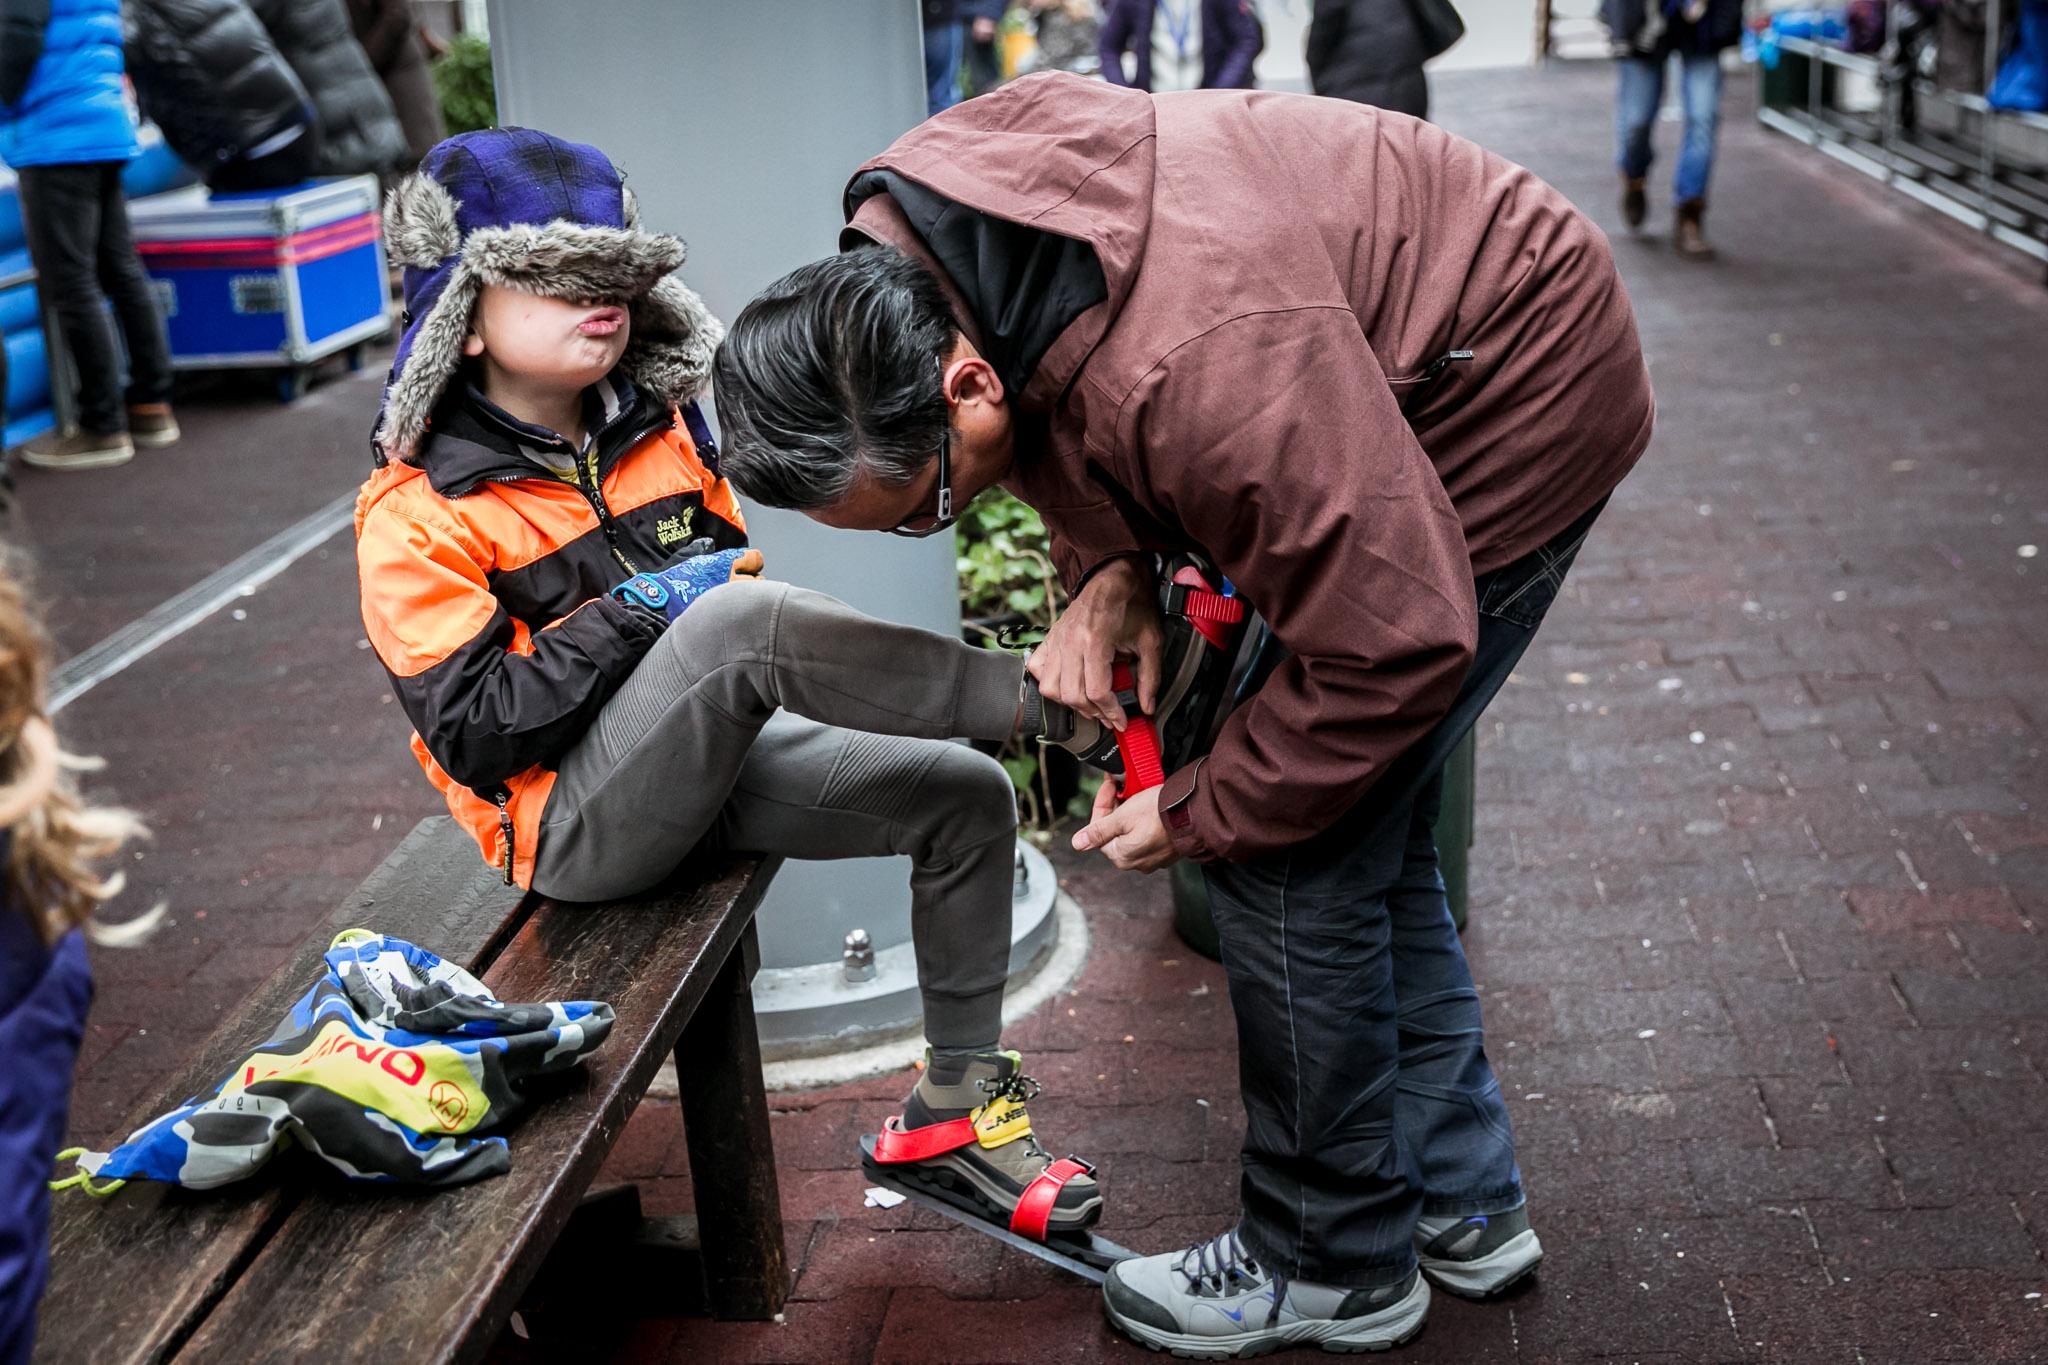 Zoontje gaat schaatsen op de kunstijsbaan in Haarlem